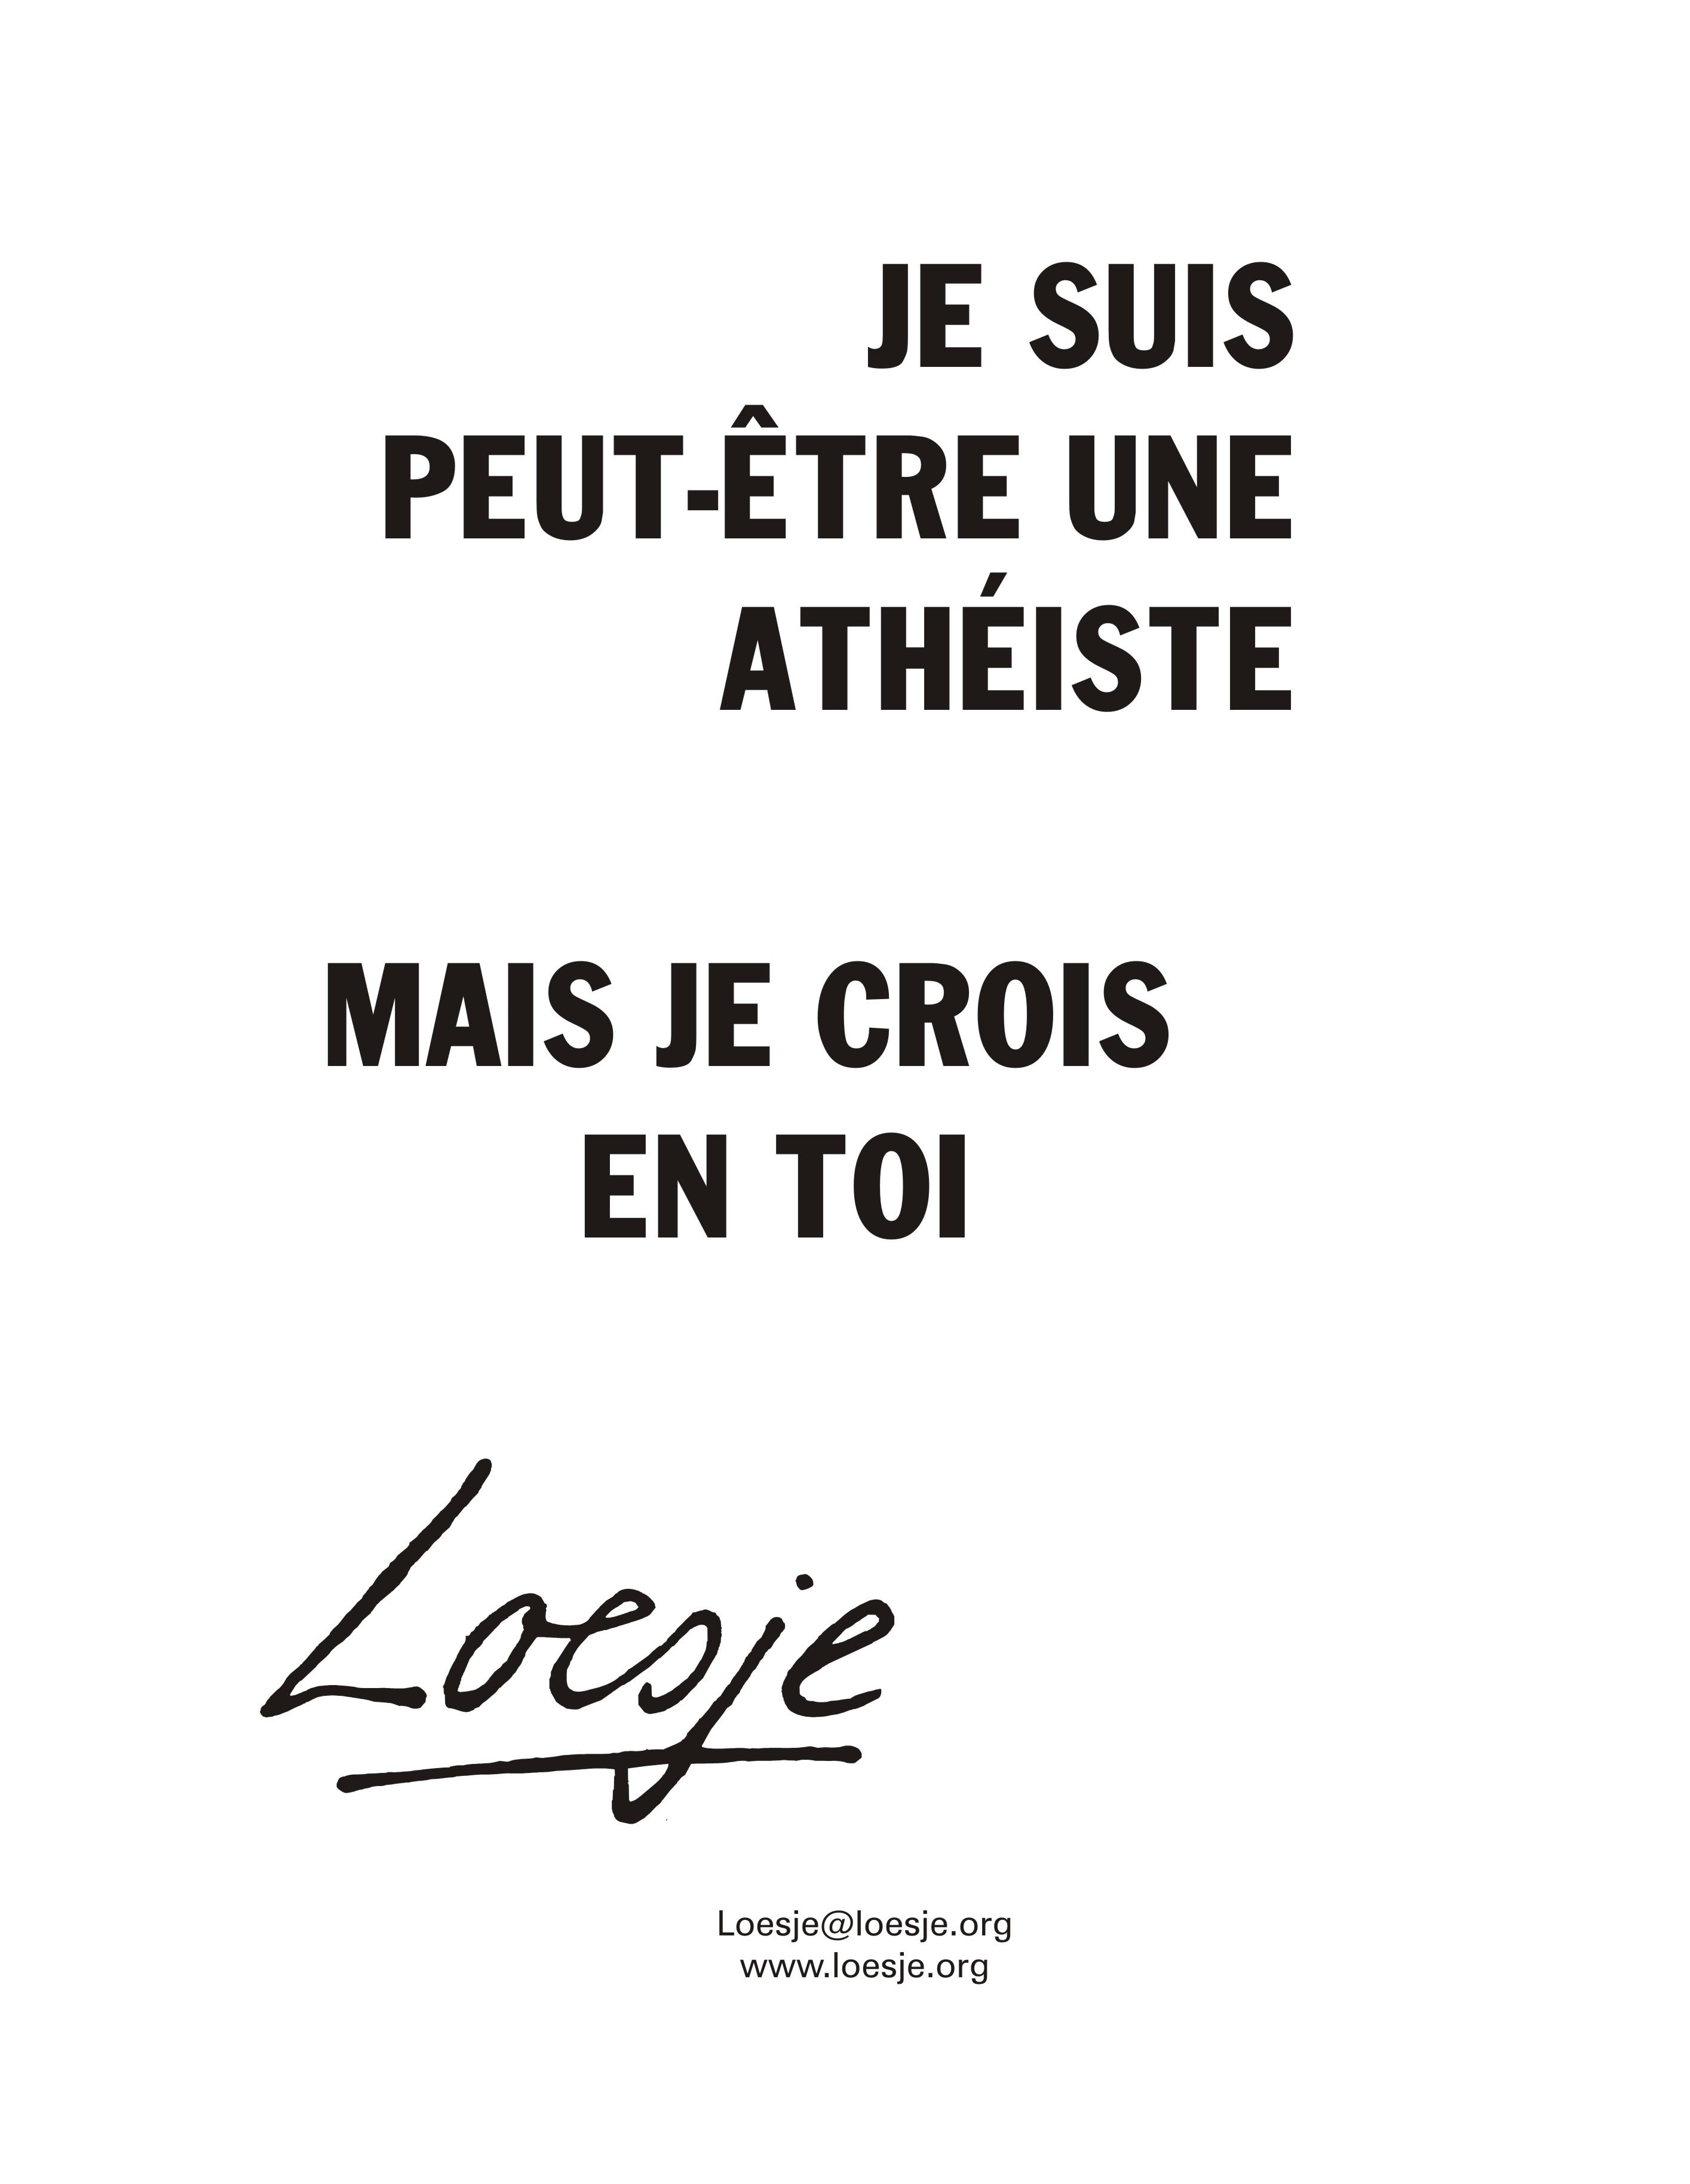 Je suis peut etre une athéiste mais je croisen toi